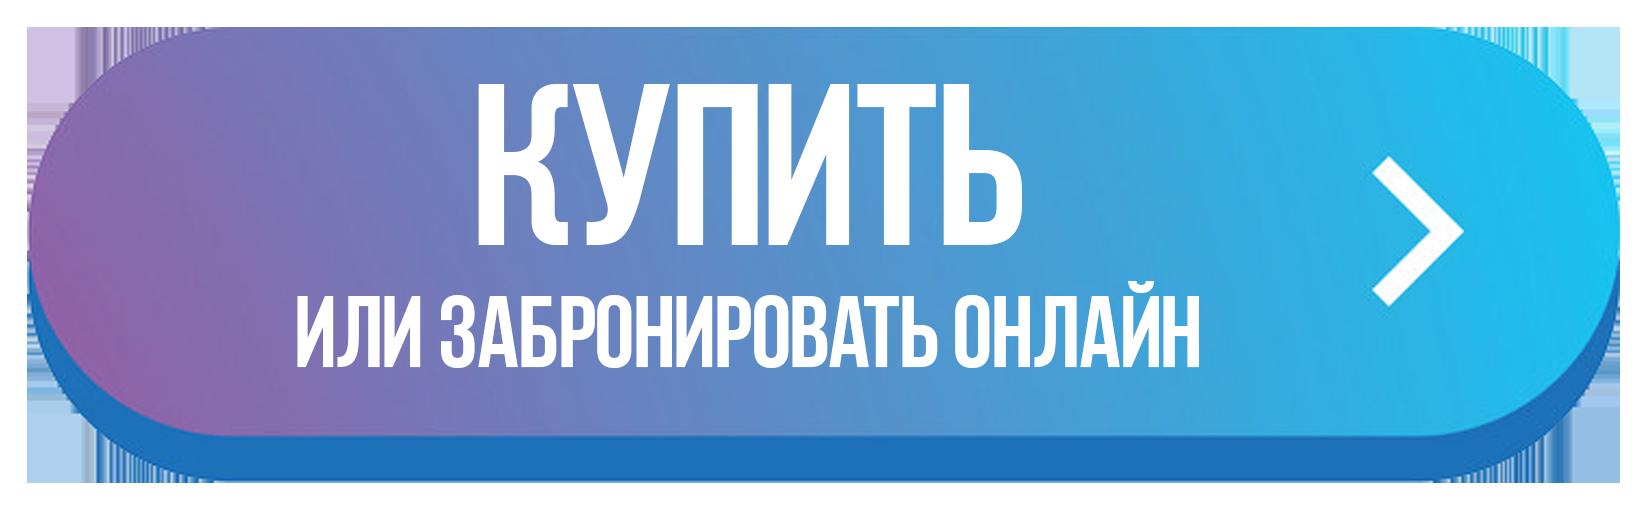 Кнопка для перехода на страницу покупки билетов онлайн